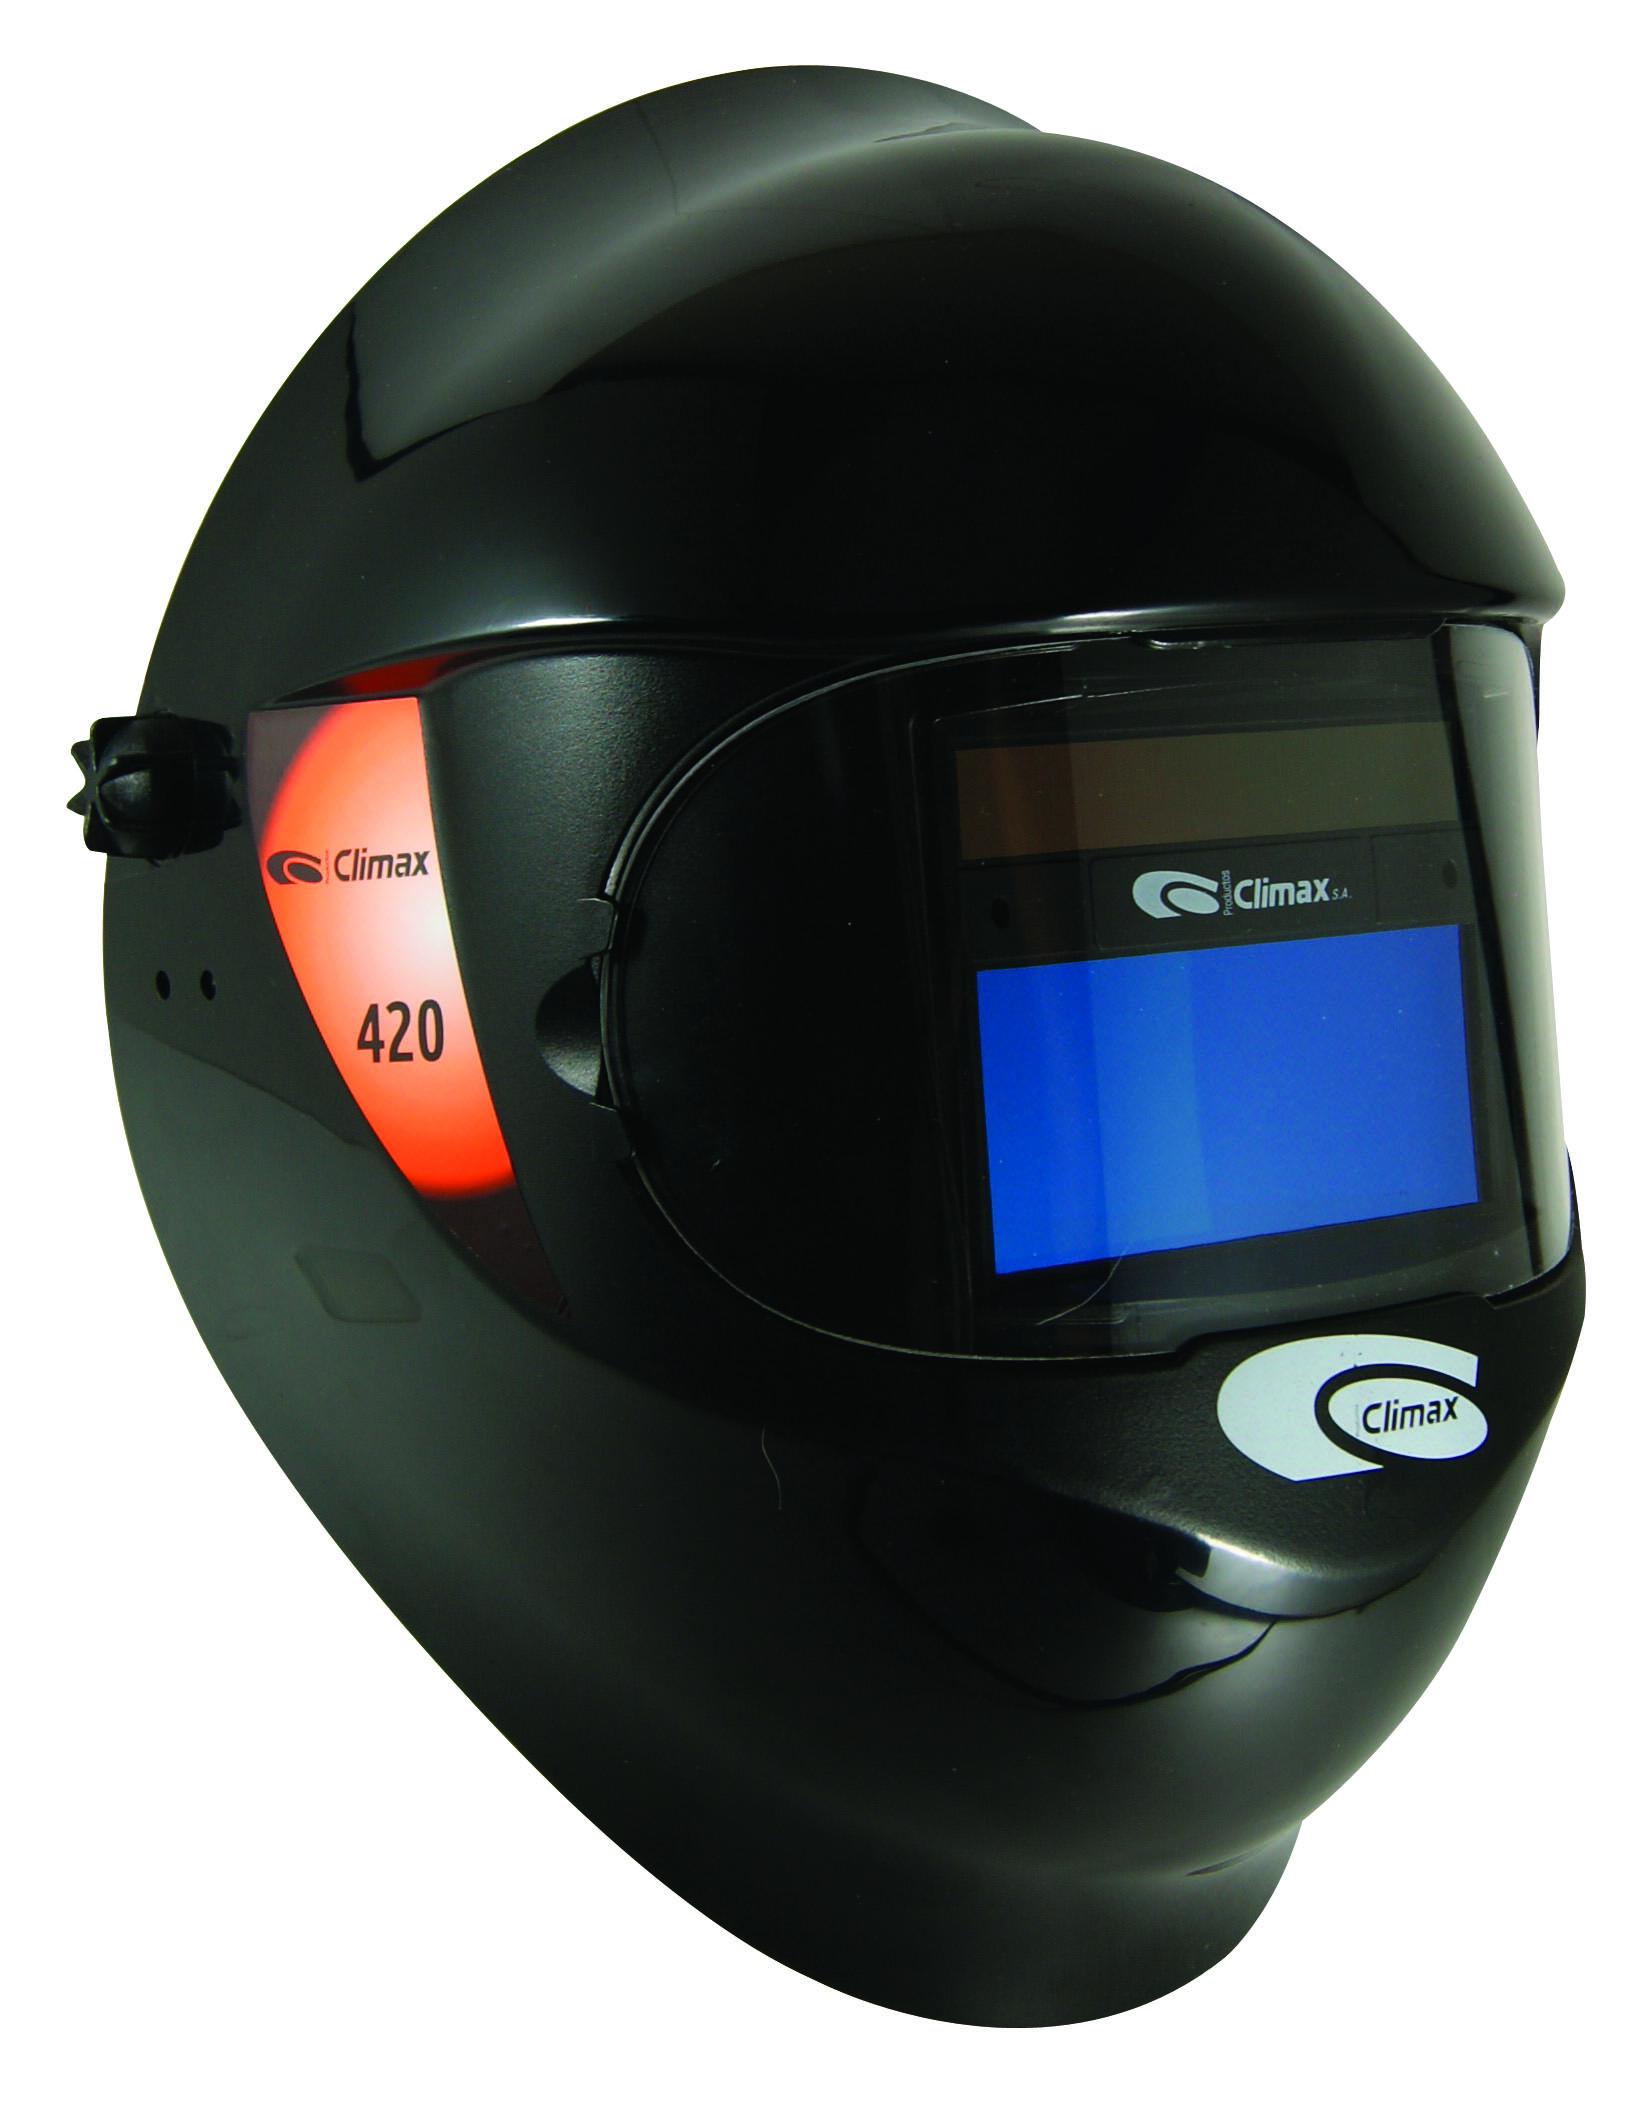 Svářecí kukla Climax 420